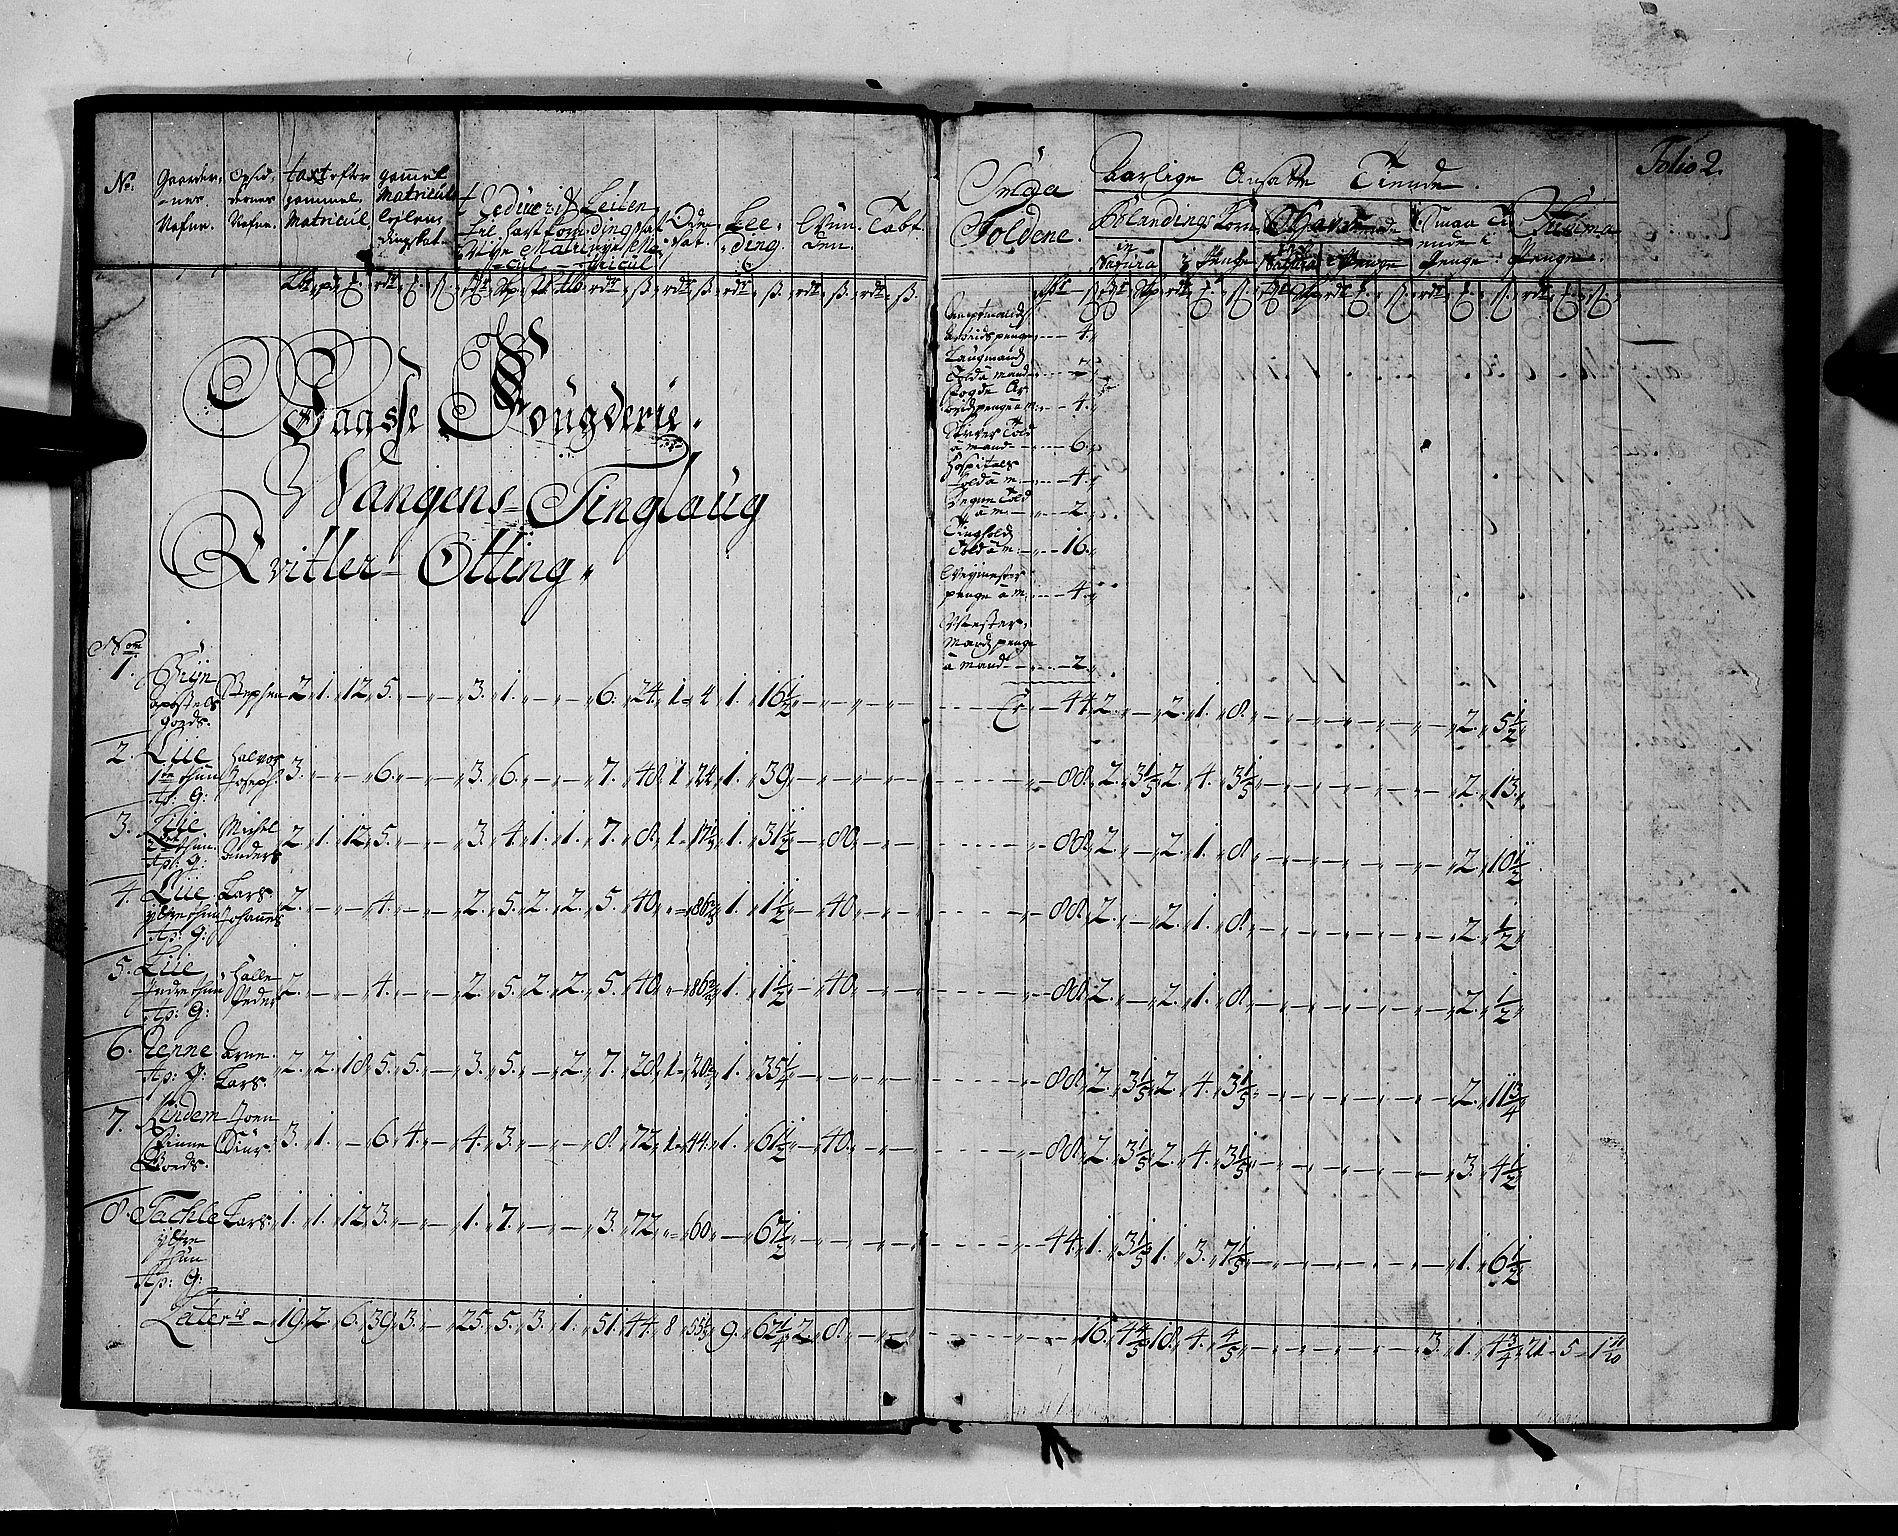 RA, Rentekammeret inntil 1814, Realistisk ordnet avdeling, N/Nb/Nbf/L0142: Voss matrikkelprotokoll, 1723, s. 1b-2a